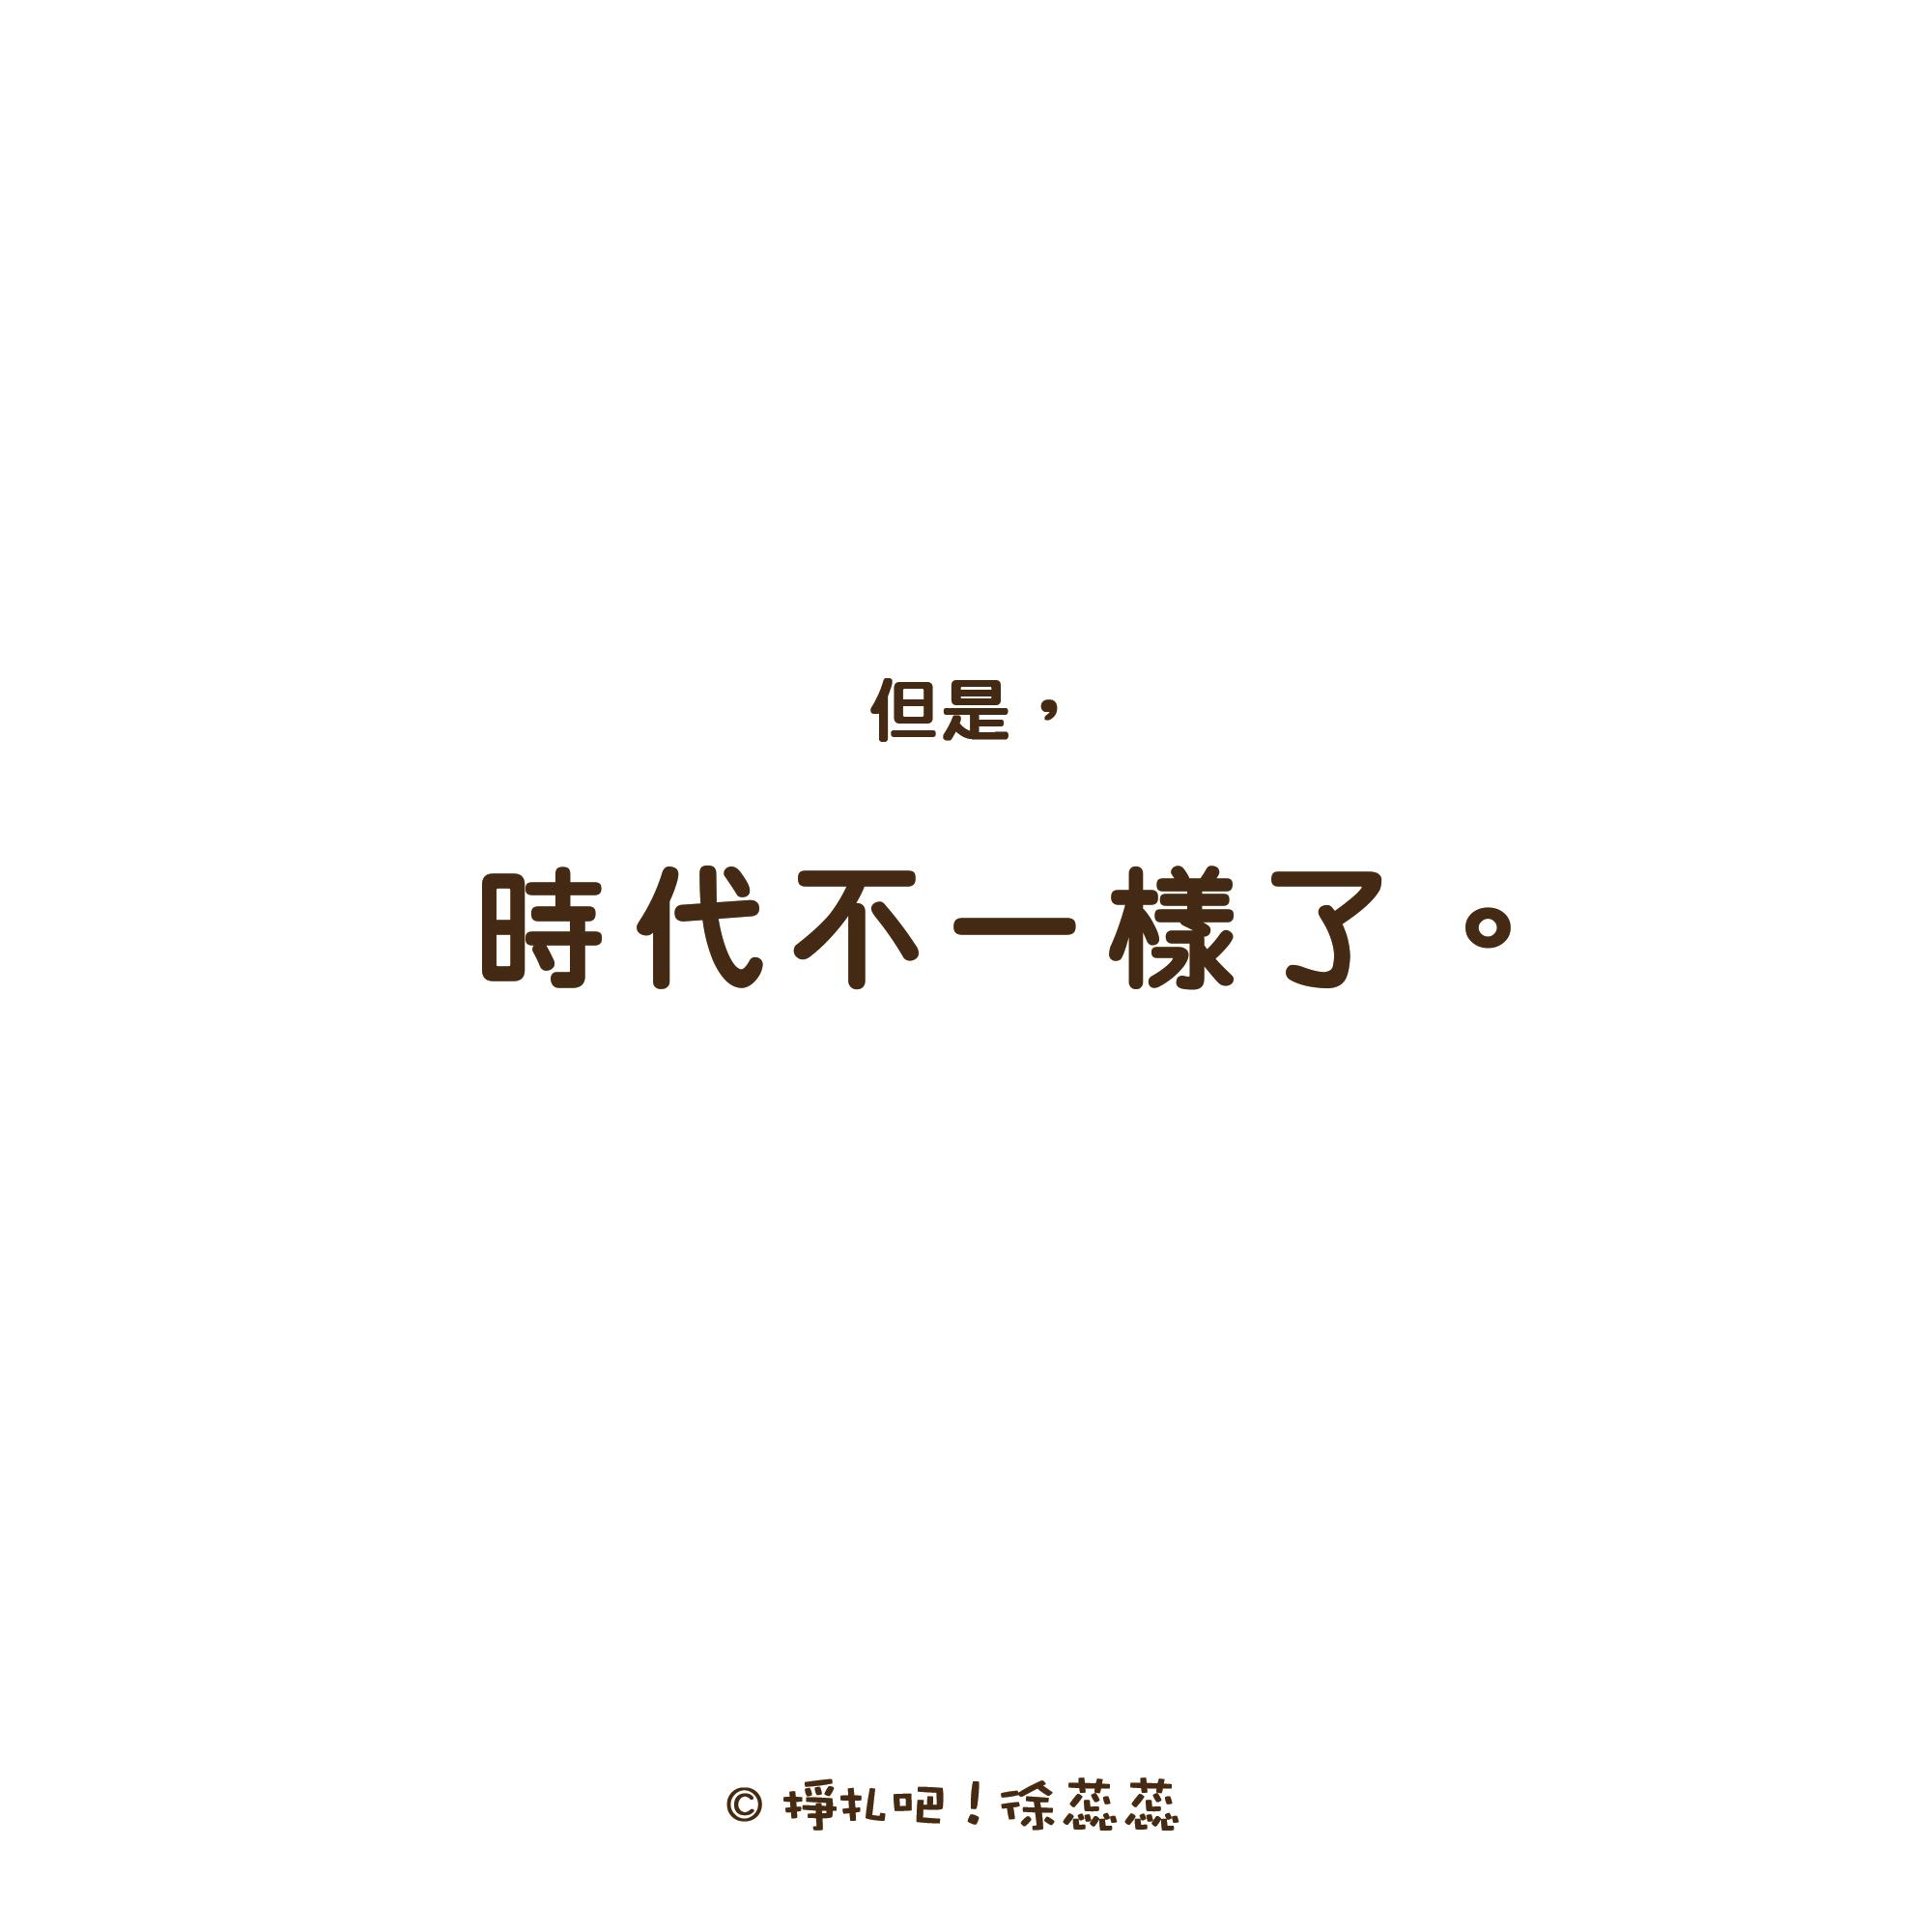 內頁圖檔2crxycc4